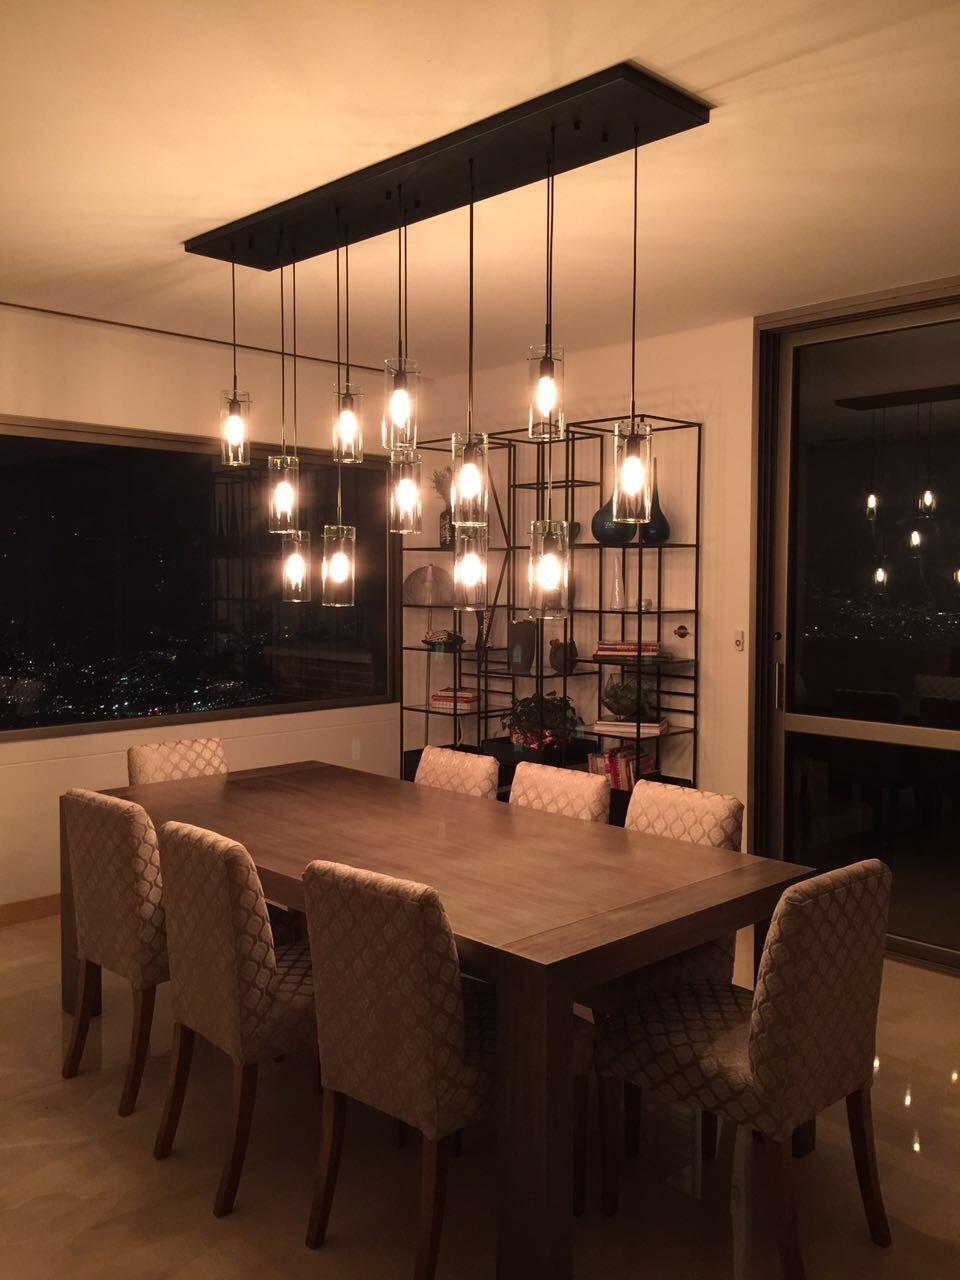 Lámparas Colgantes Iluminación Residencial Lámparas Decorativas Iluminación De La Sala De Comedor Iluminación De Comedor Lamparas Para Sala Comedor